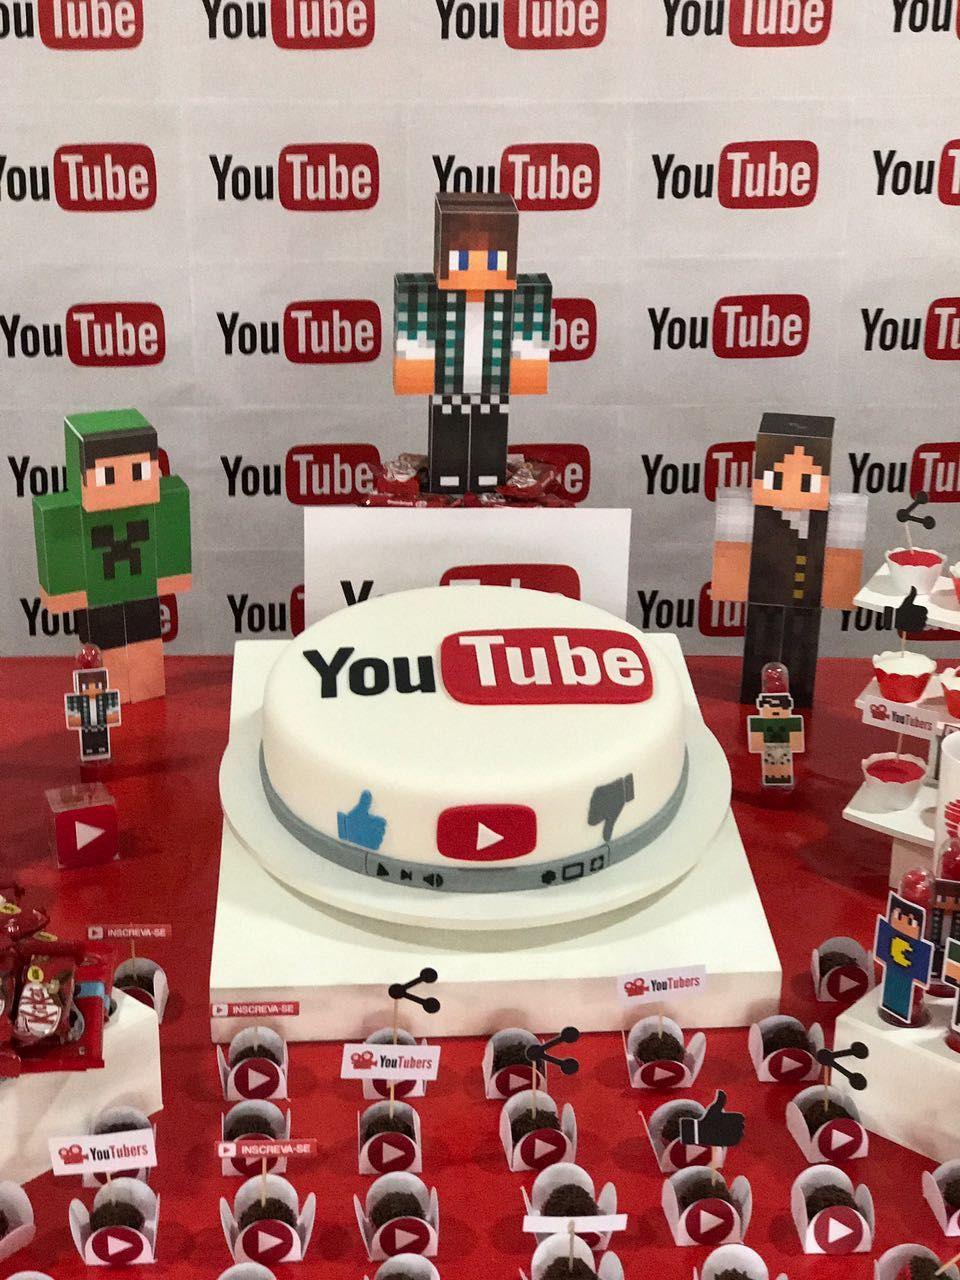 Festa Youtube Youtubers Jpg 960 1 280 Pixels Com Imagens Bolos